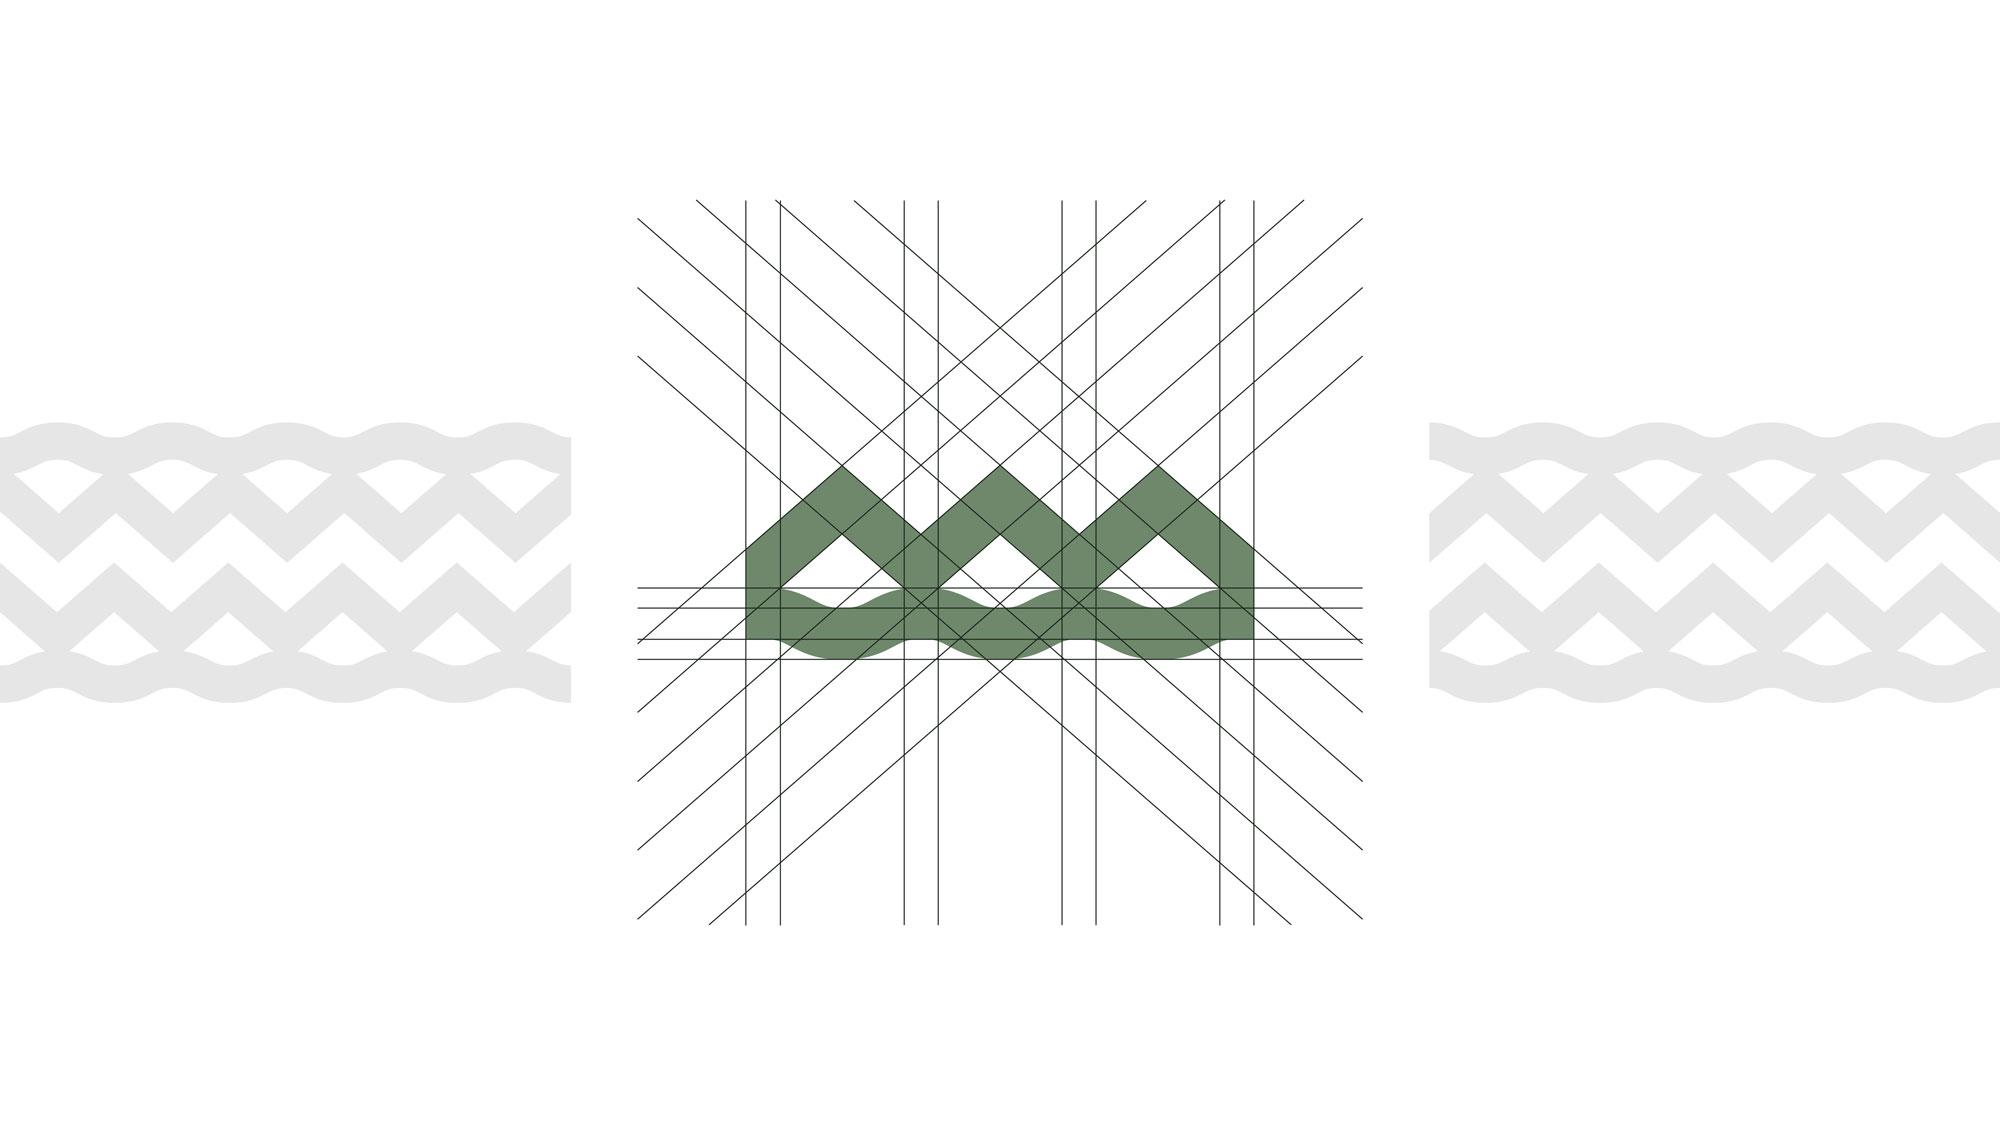 griglia di costruzione del logo canottieri outdoor verde su sfondo bianco